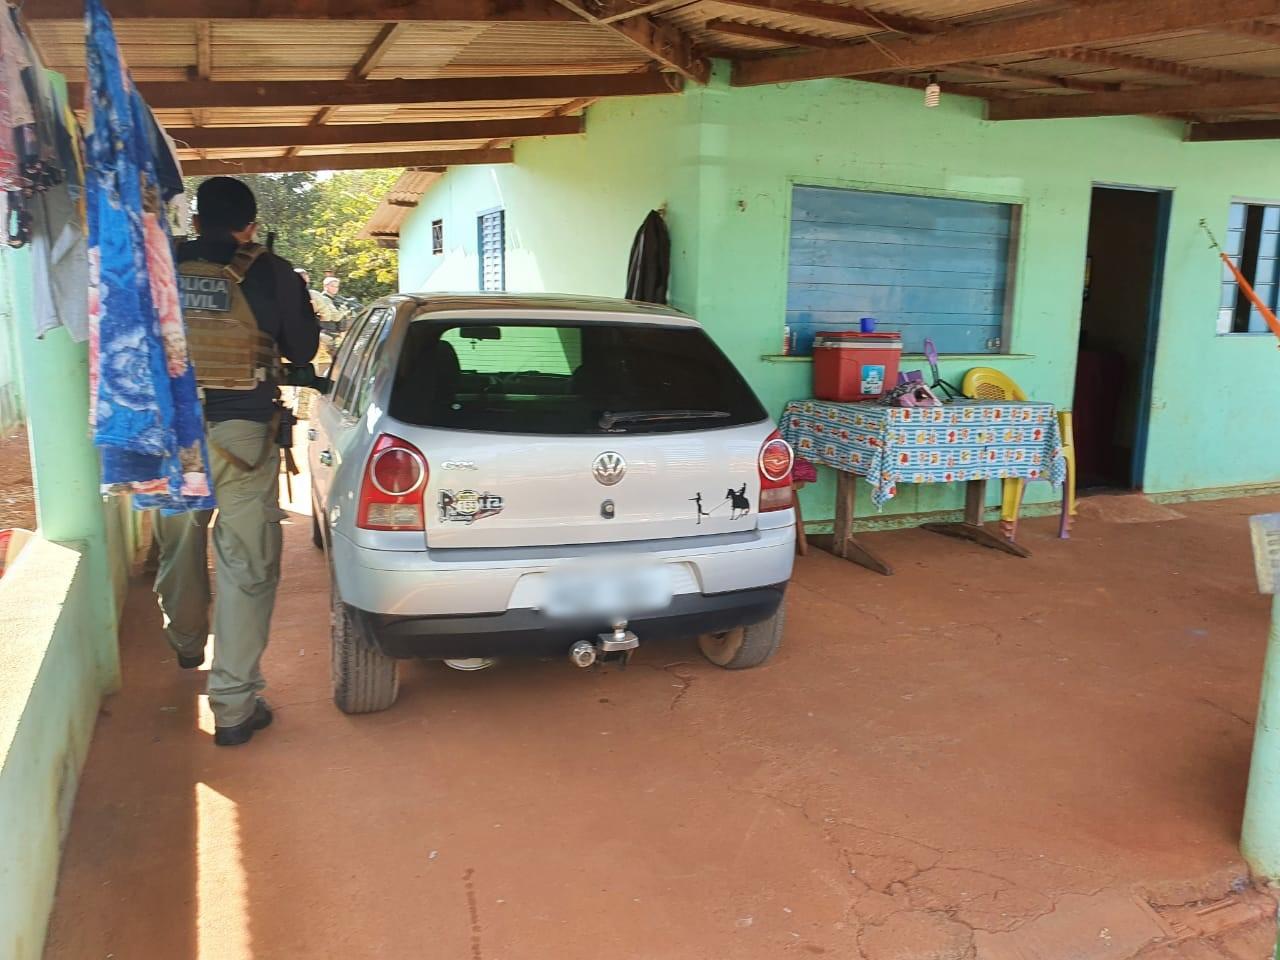 Polícia Civil prende empregado suspeito de ter ajudado grupo de assaltantes no roubo em fazenda no município de Figueirópolis